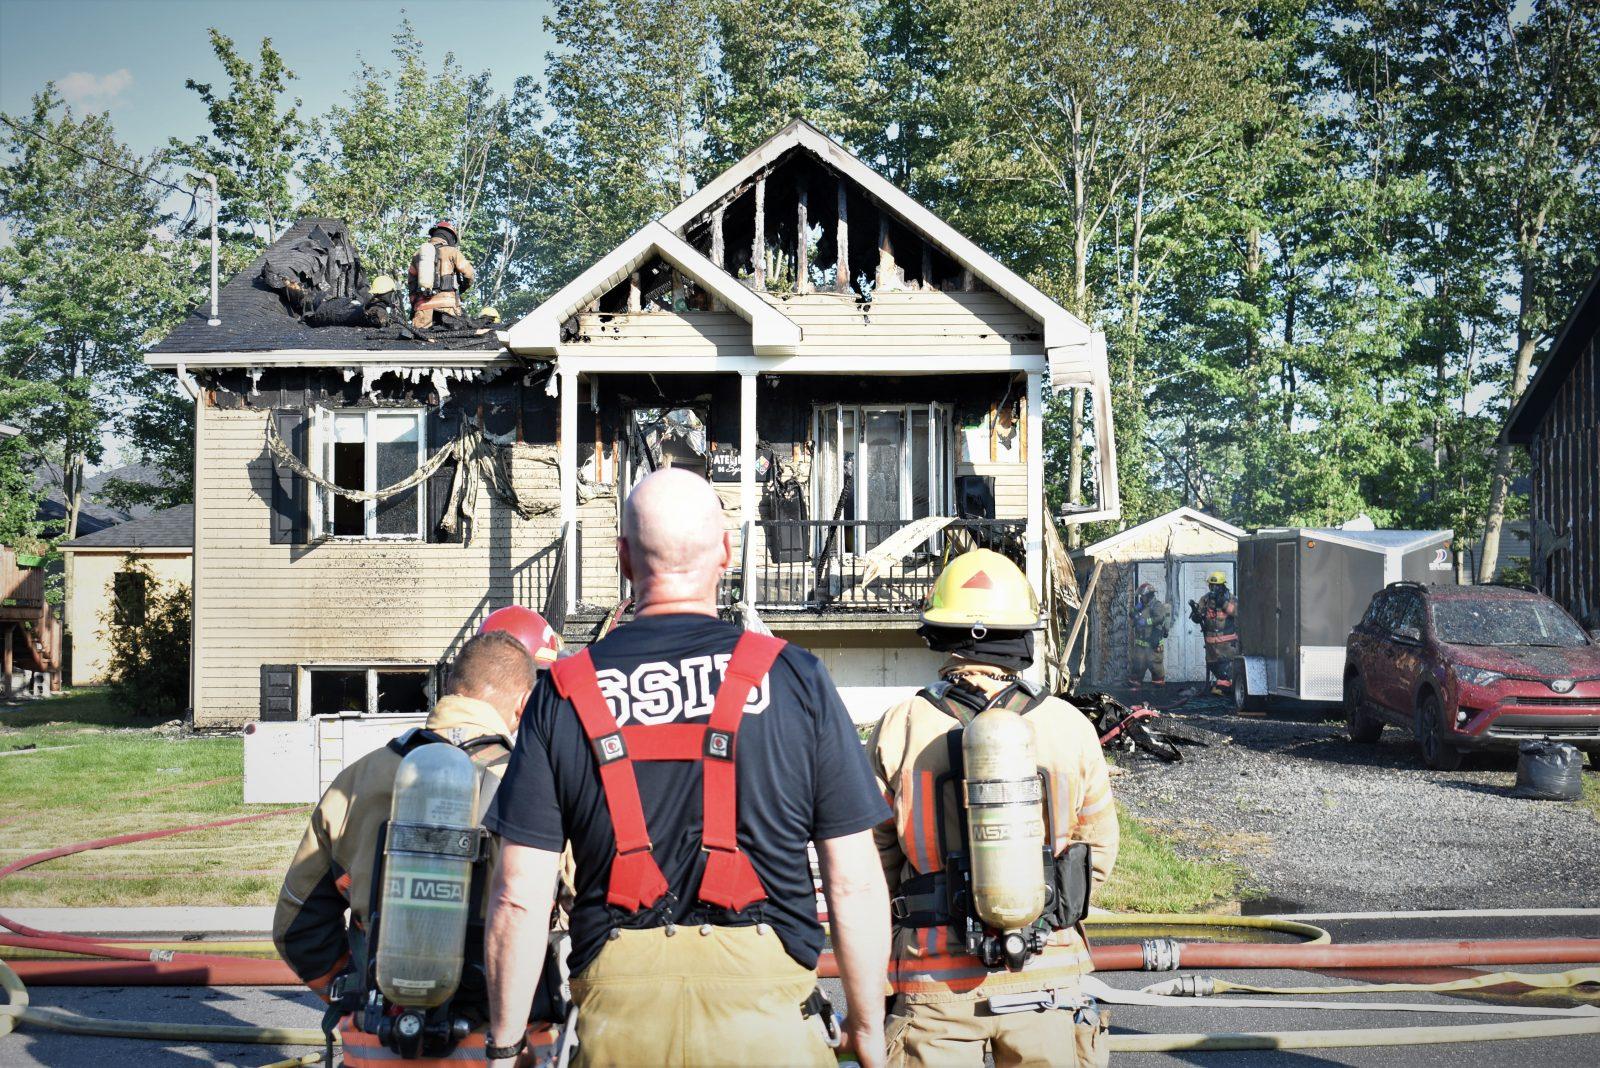 De futurs mariés voient leur maison partir en fumée